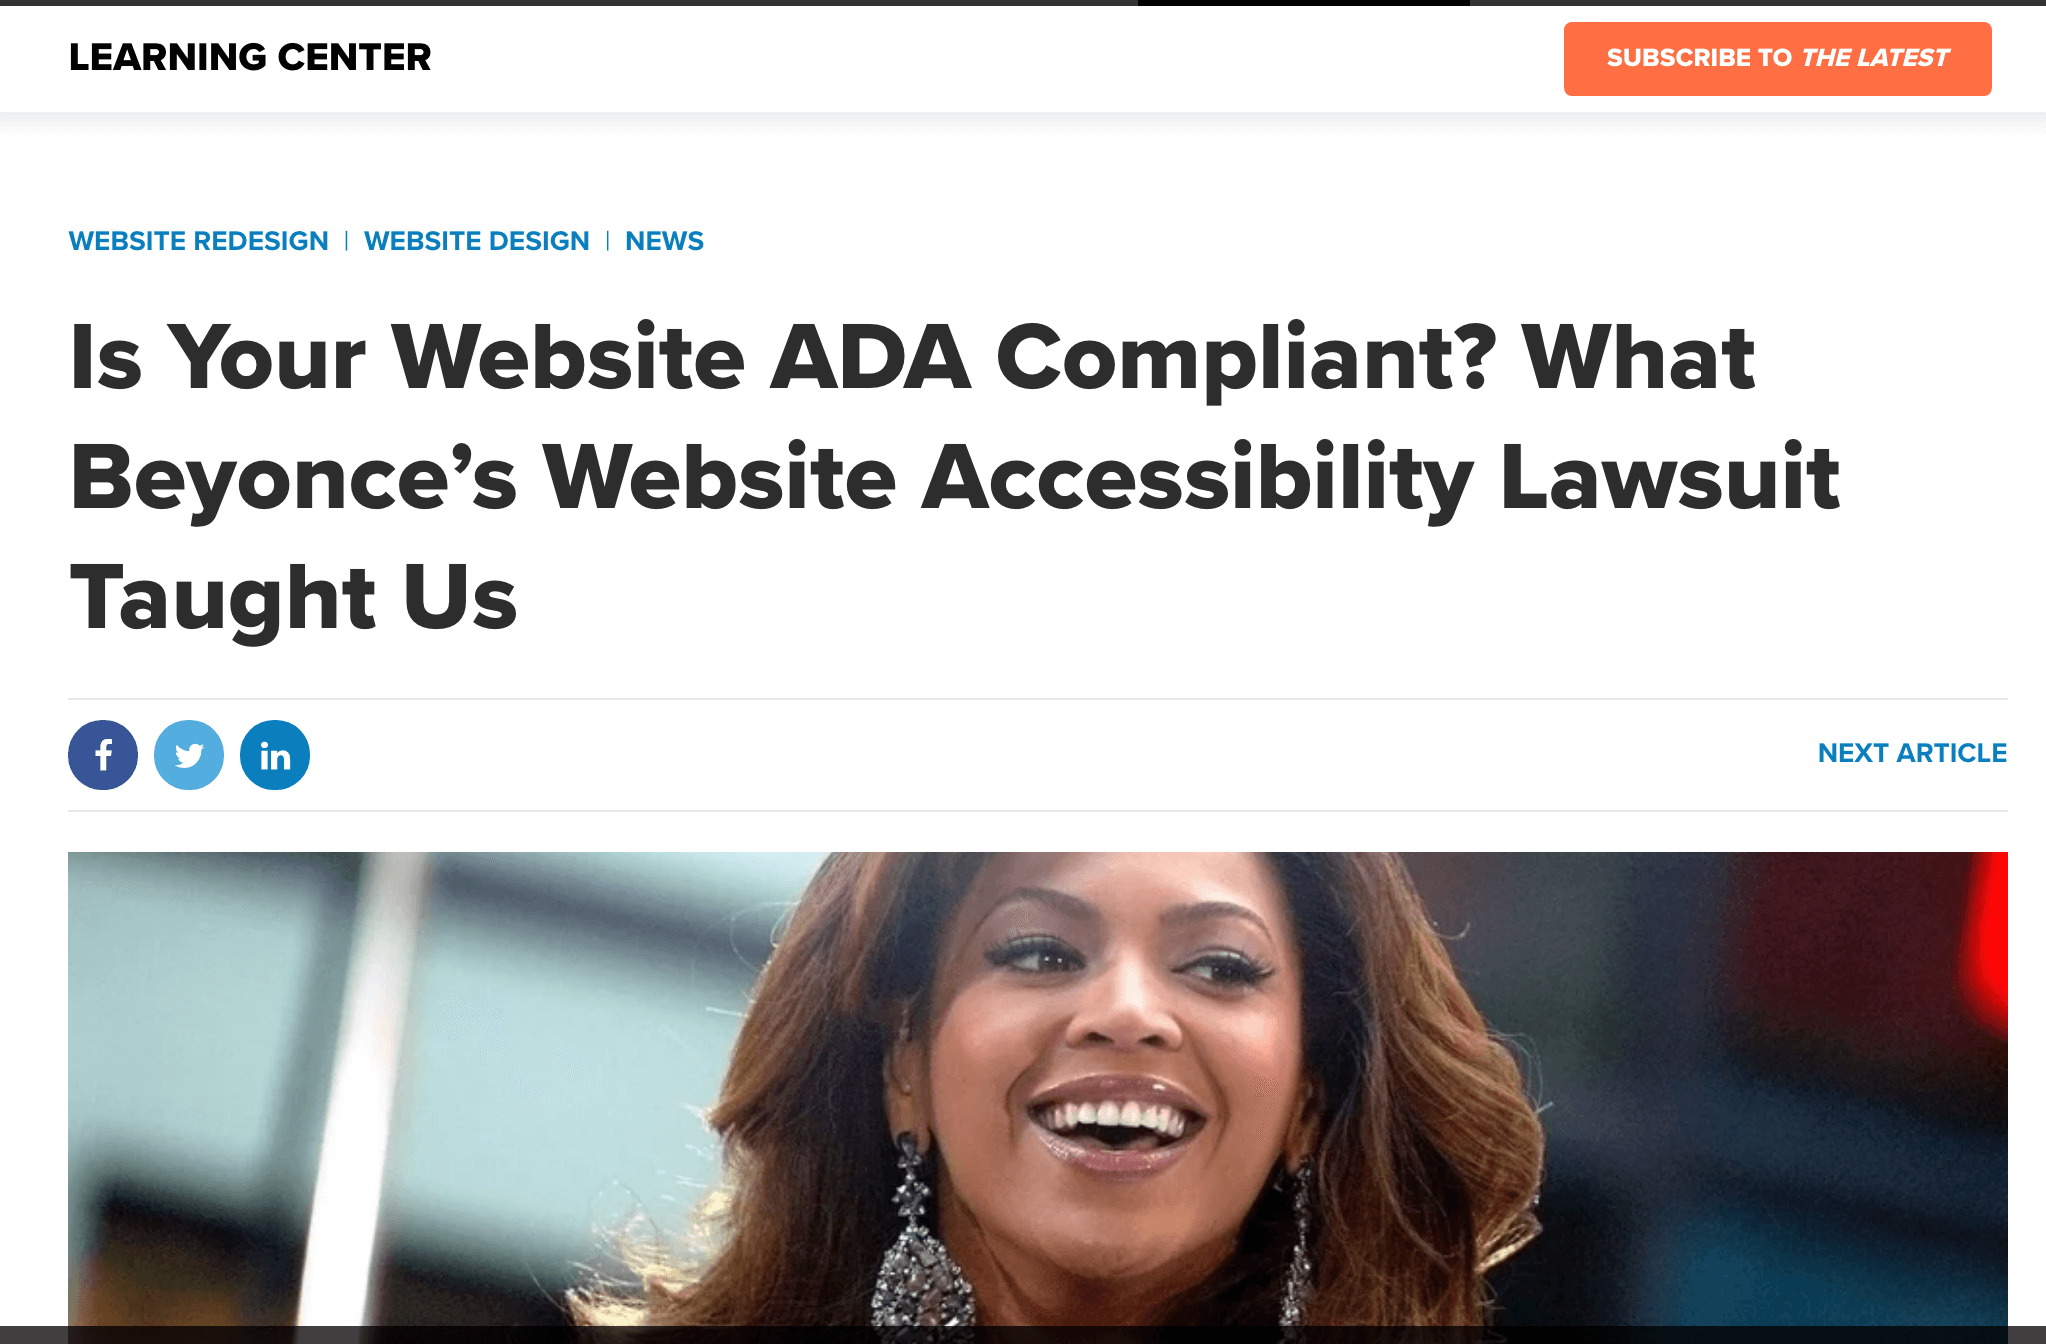 ADA Compliance Service